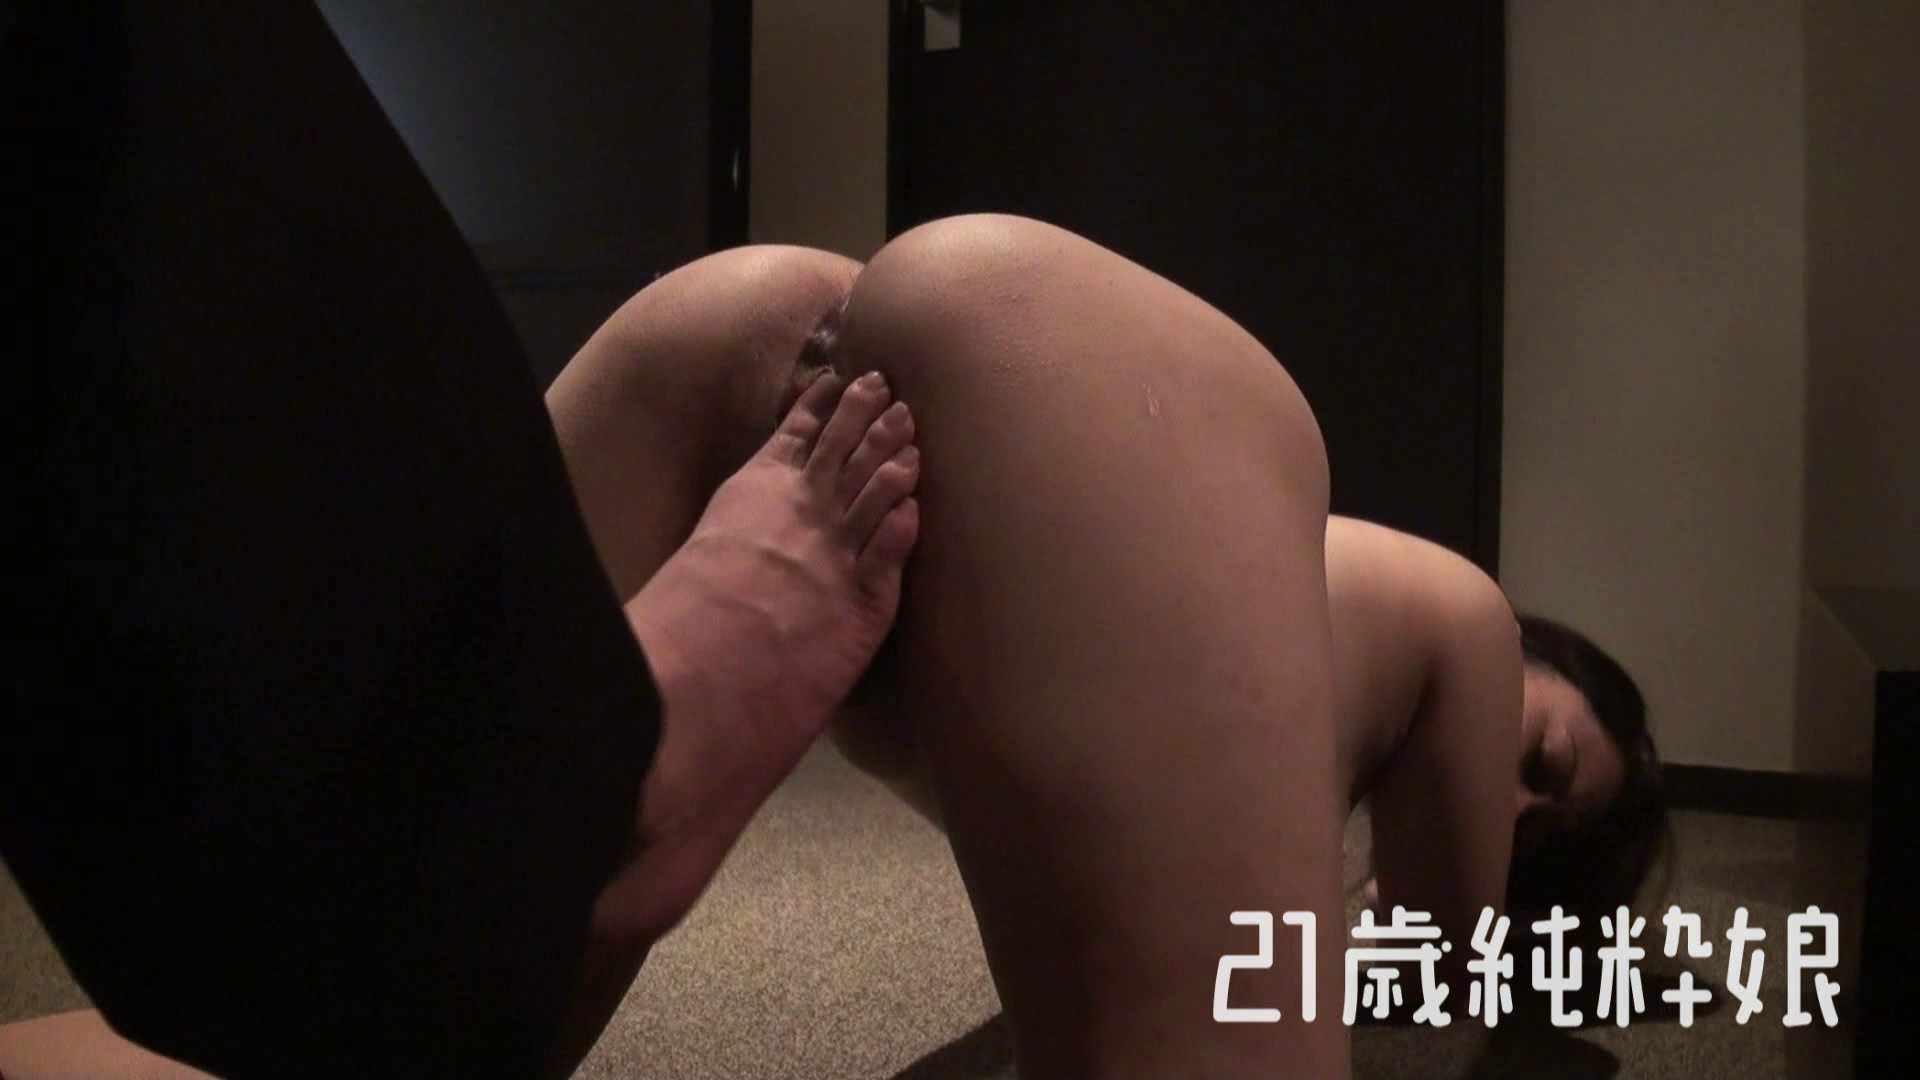 上京したばかりのGカップ21歳純粋嬢を都合の良い女にしてみた2 オナニー特集 | ギャル達のSEX  77画像 42